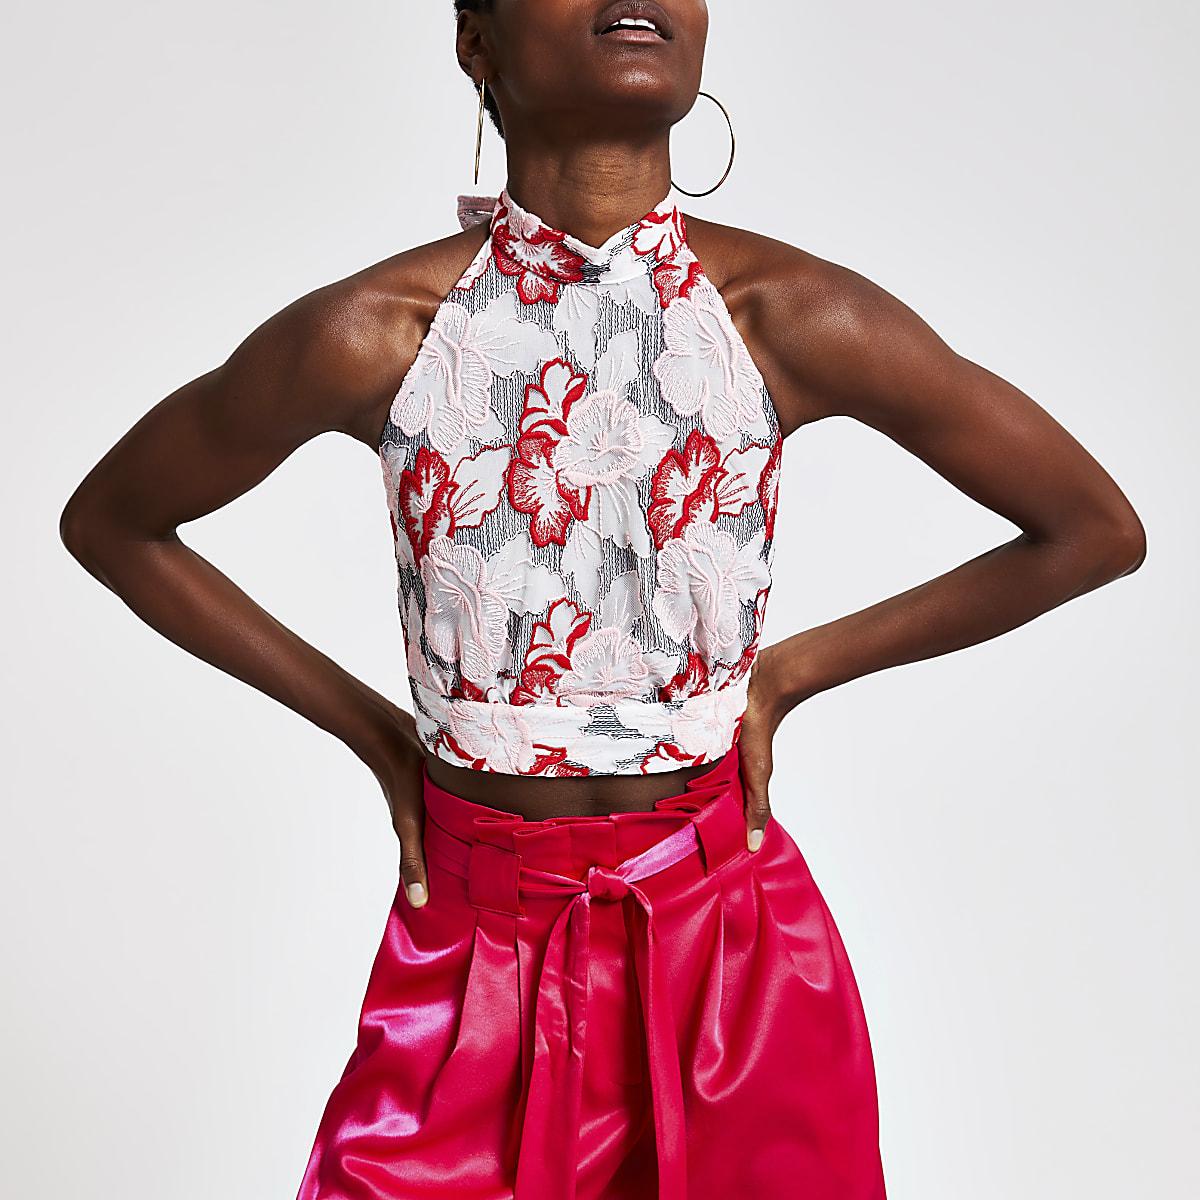 Roze top met halternek, print en strik op de rug